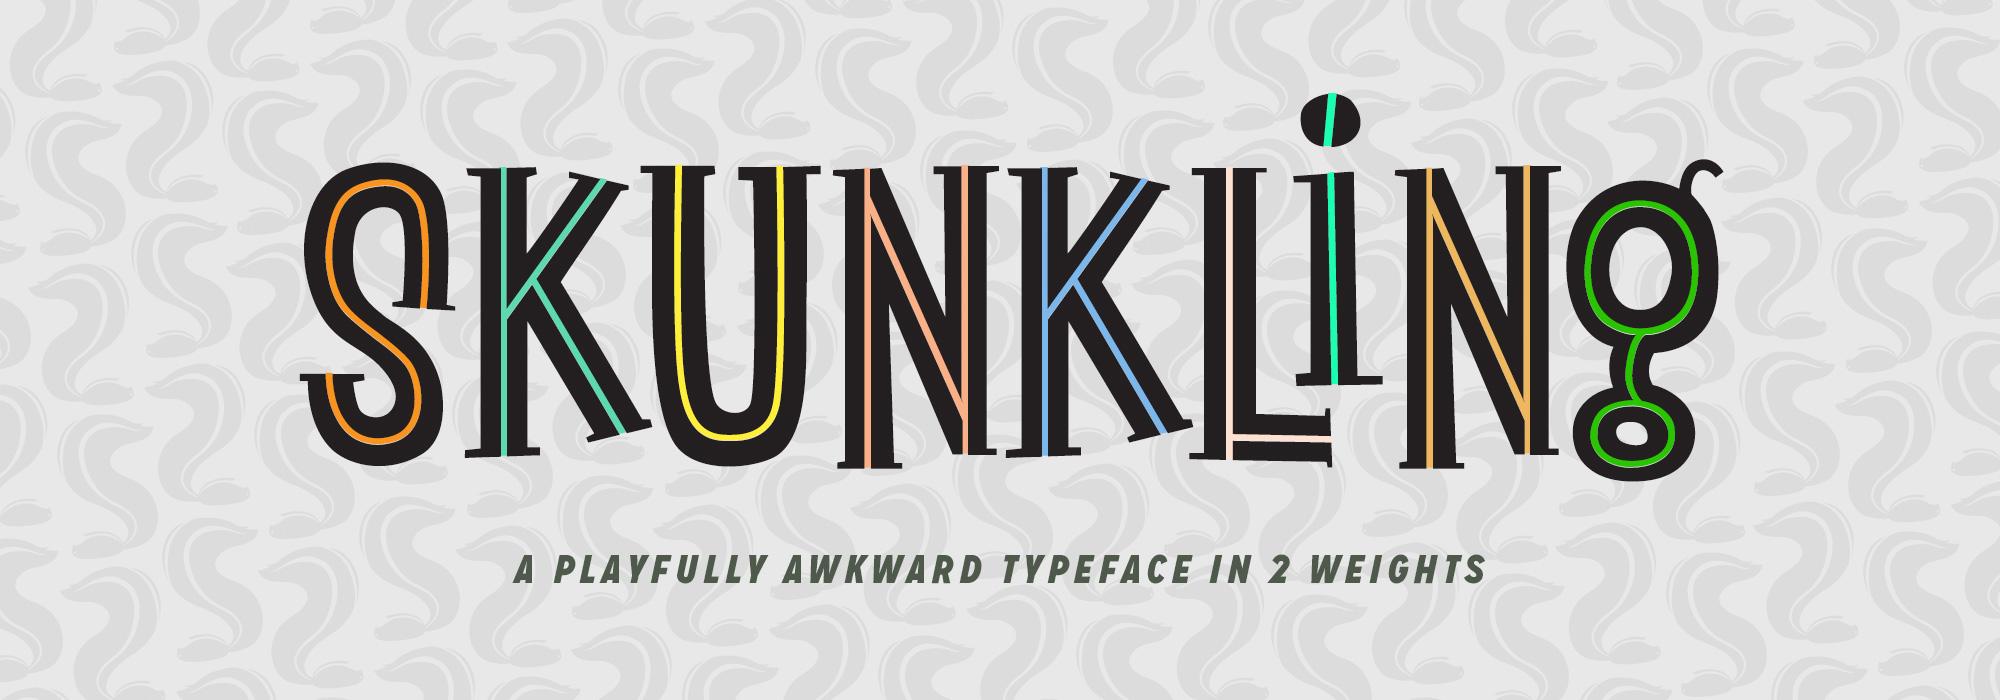 Skunkling-Feature-02.jpg